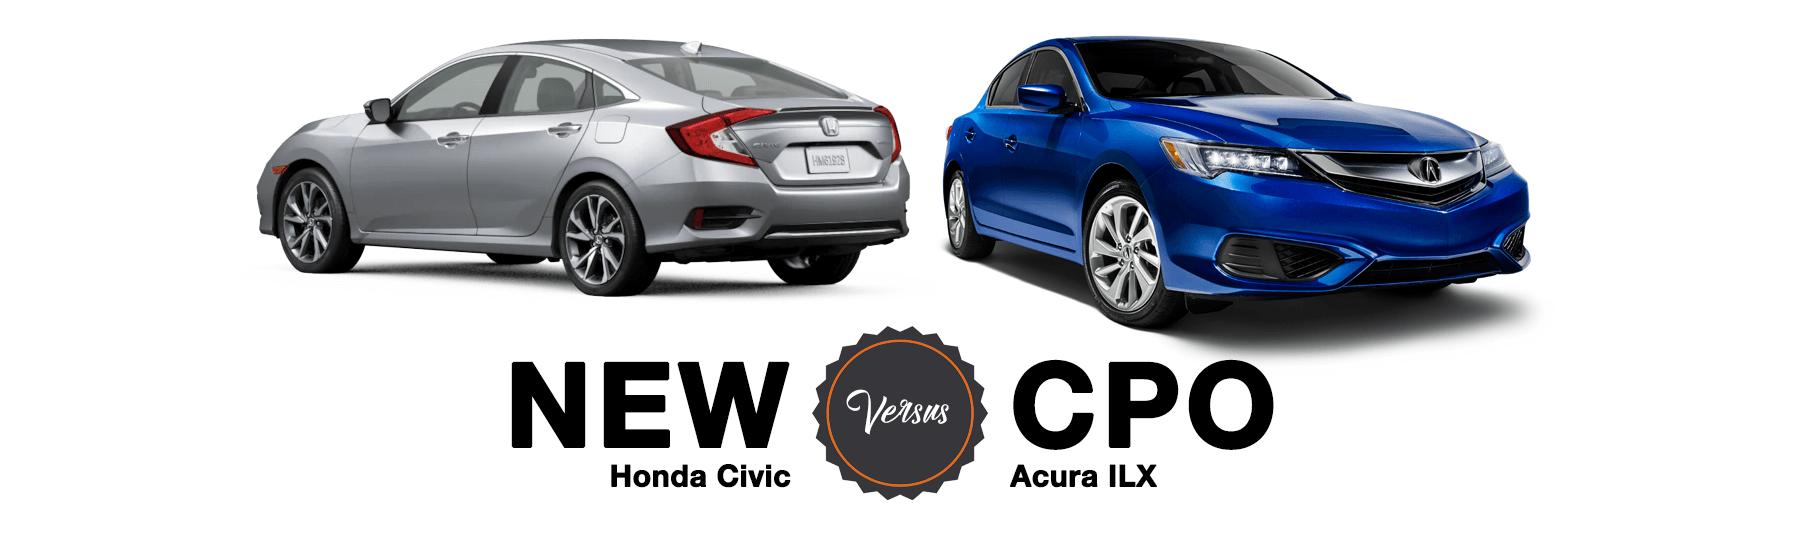 New Honda Civic Versus CPO Acura ILX